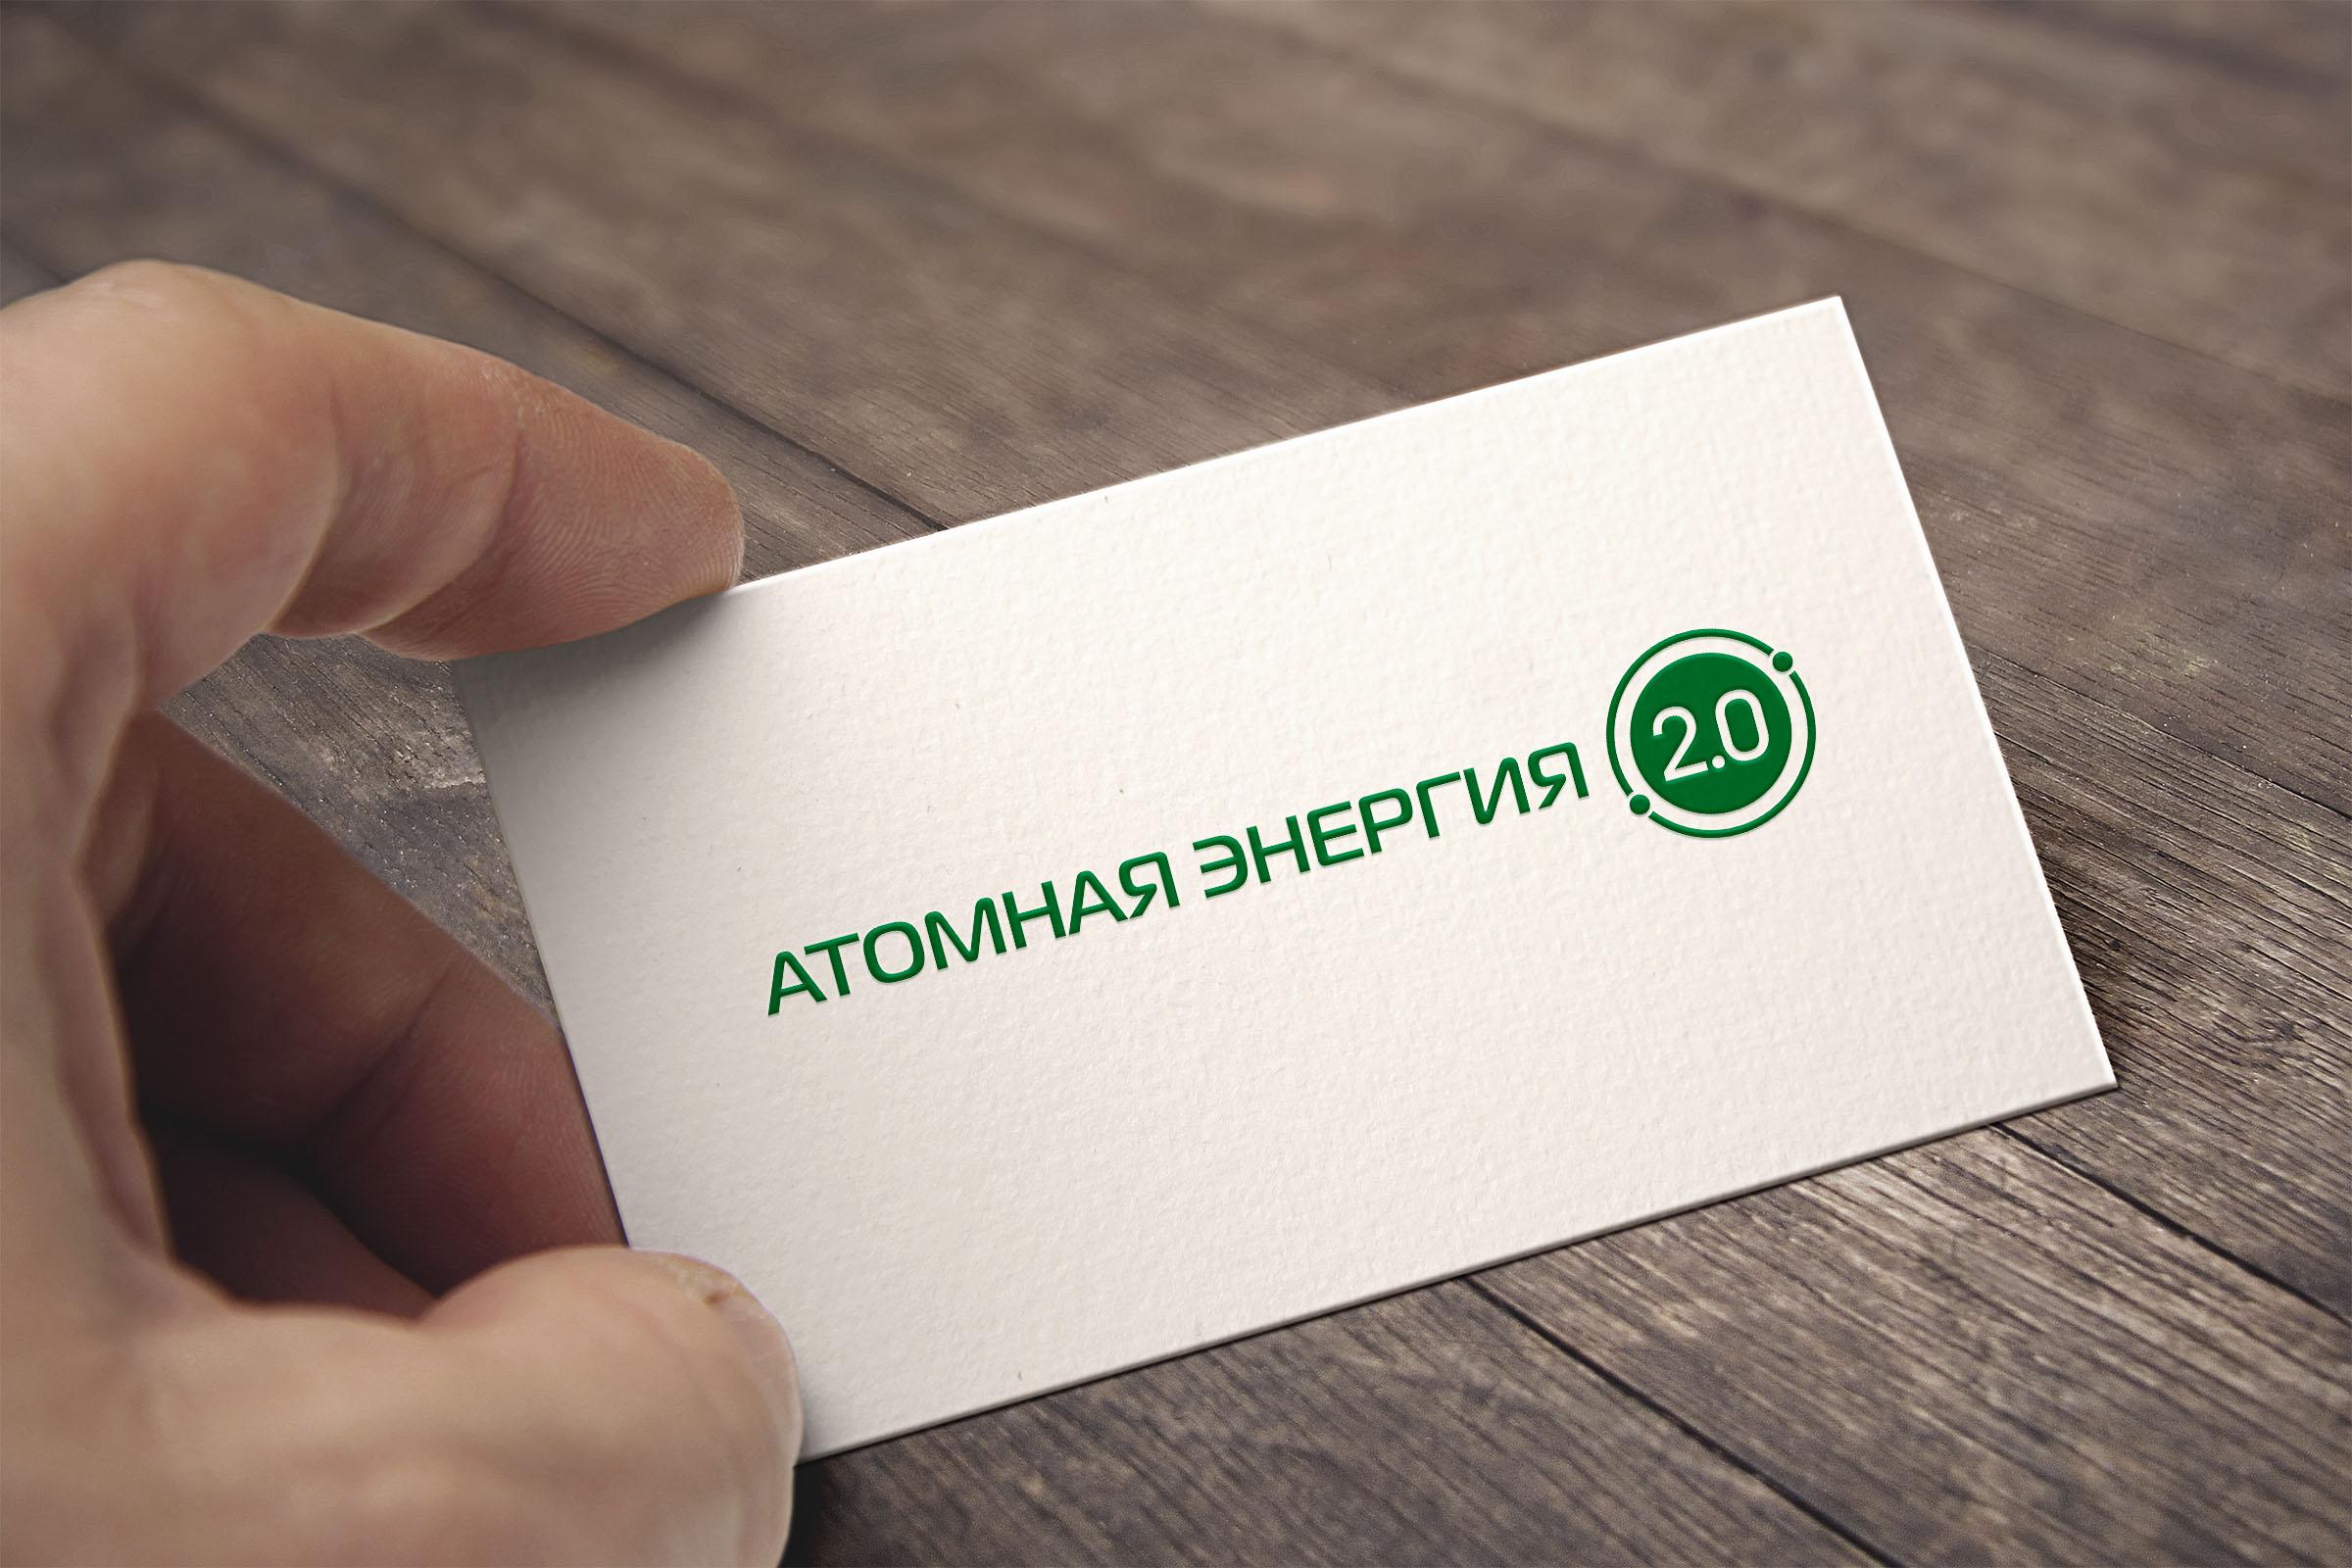 """Фирменный стиль для научного портала """"Атомная энергия 2.0"""" фото f_6365a02b8154ac14.jpg"""